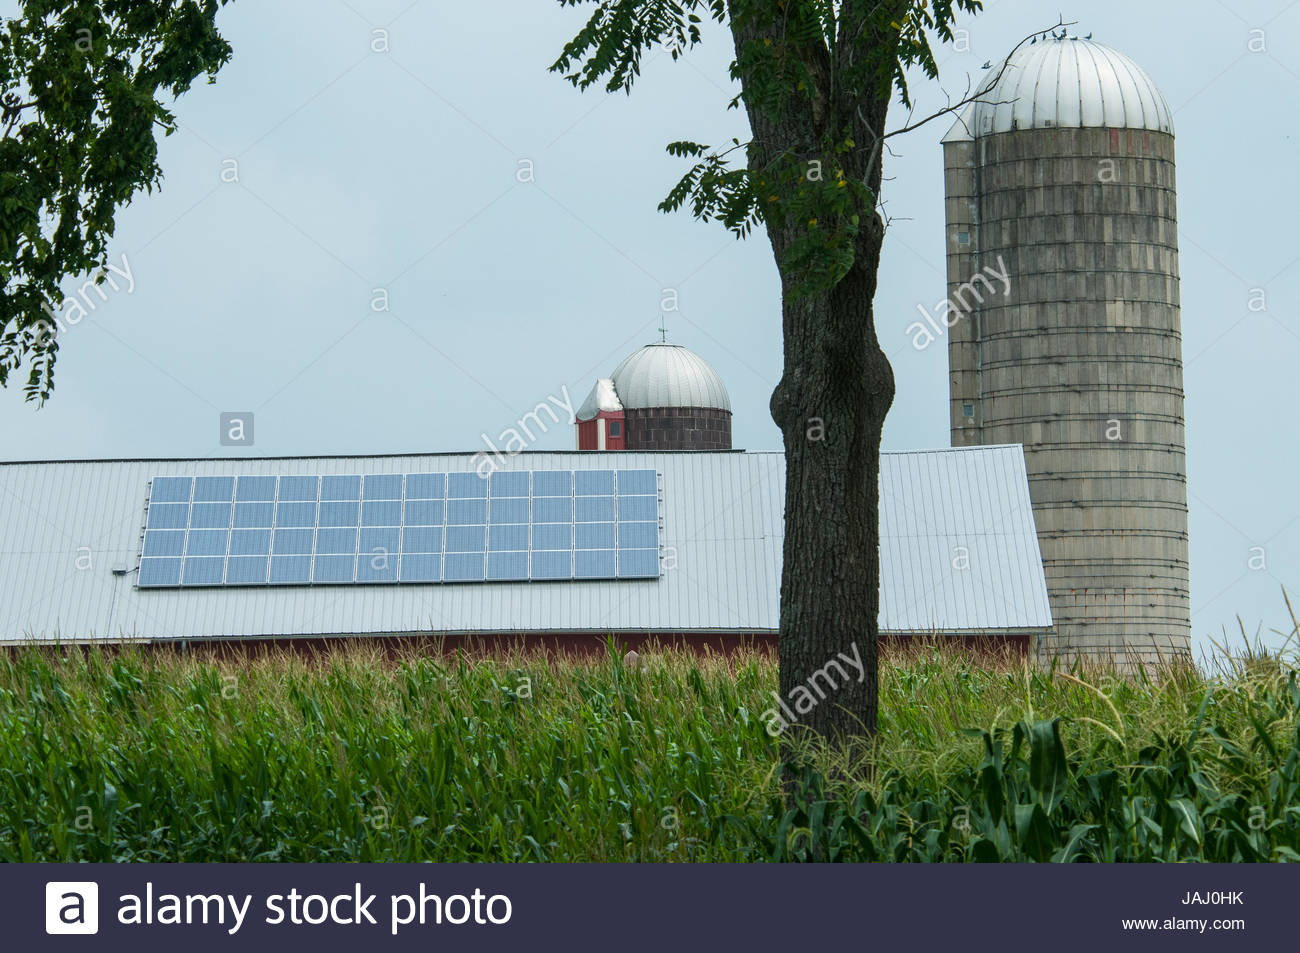 Línea de paneles solares en el techo de un granero en Pennsylvania. Imagen De Stock